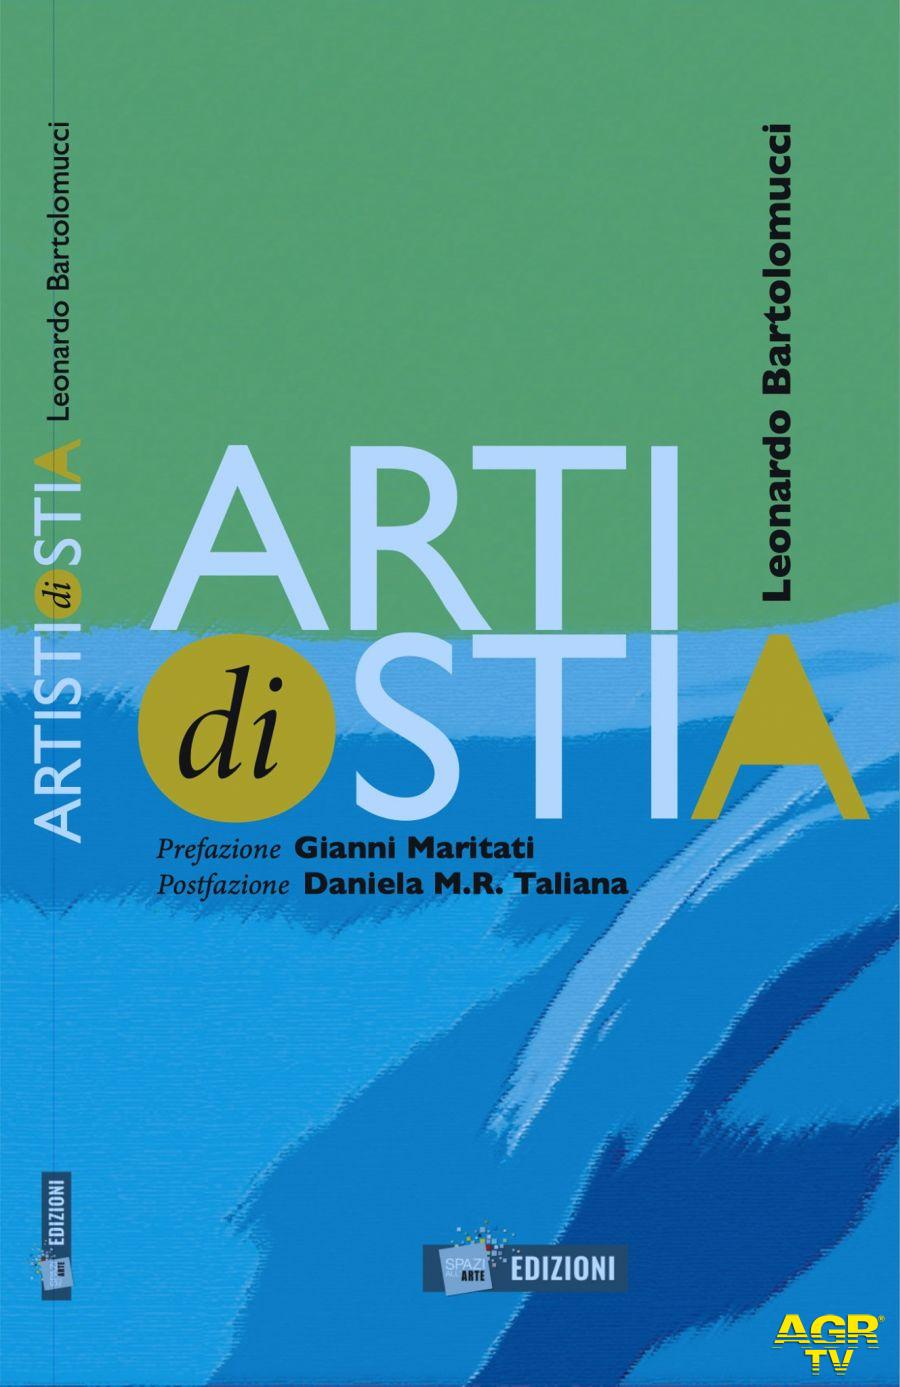 Artisti di Ostia il libro di Leonardo Bartolomucci che racconta l'arte e l'estro del litorale